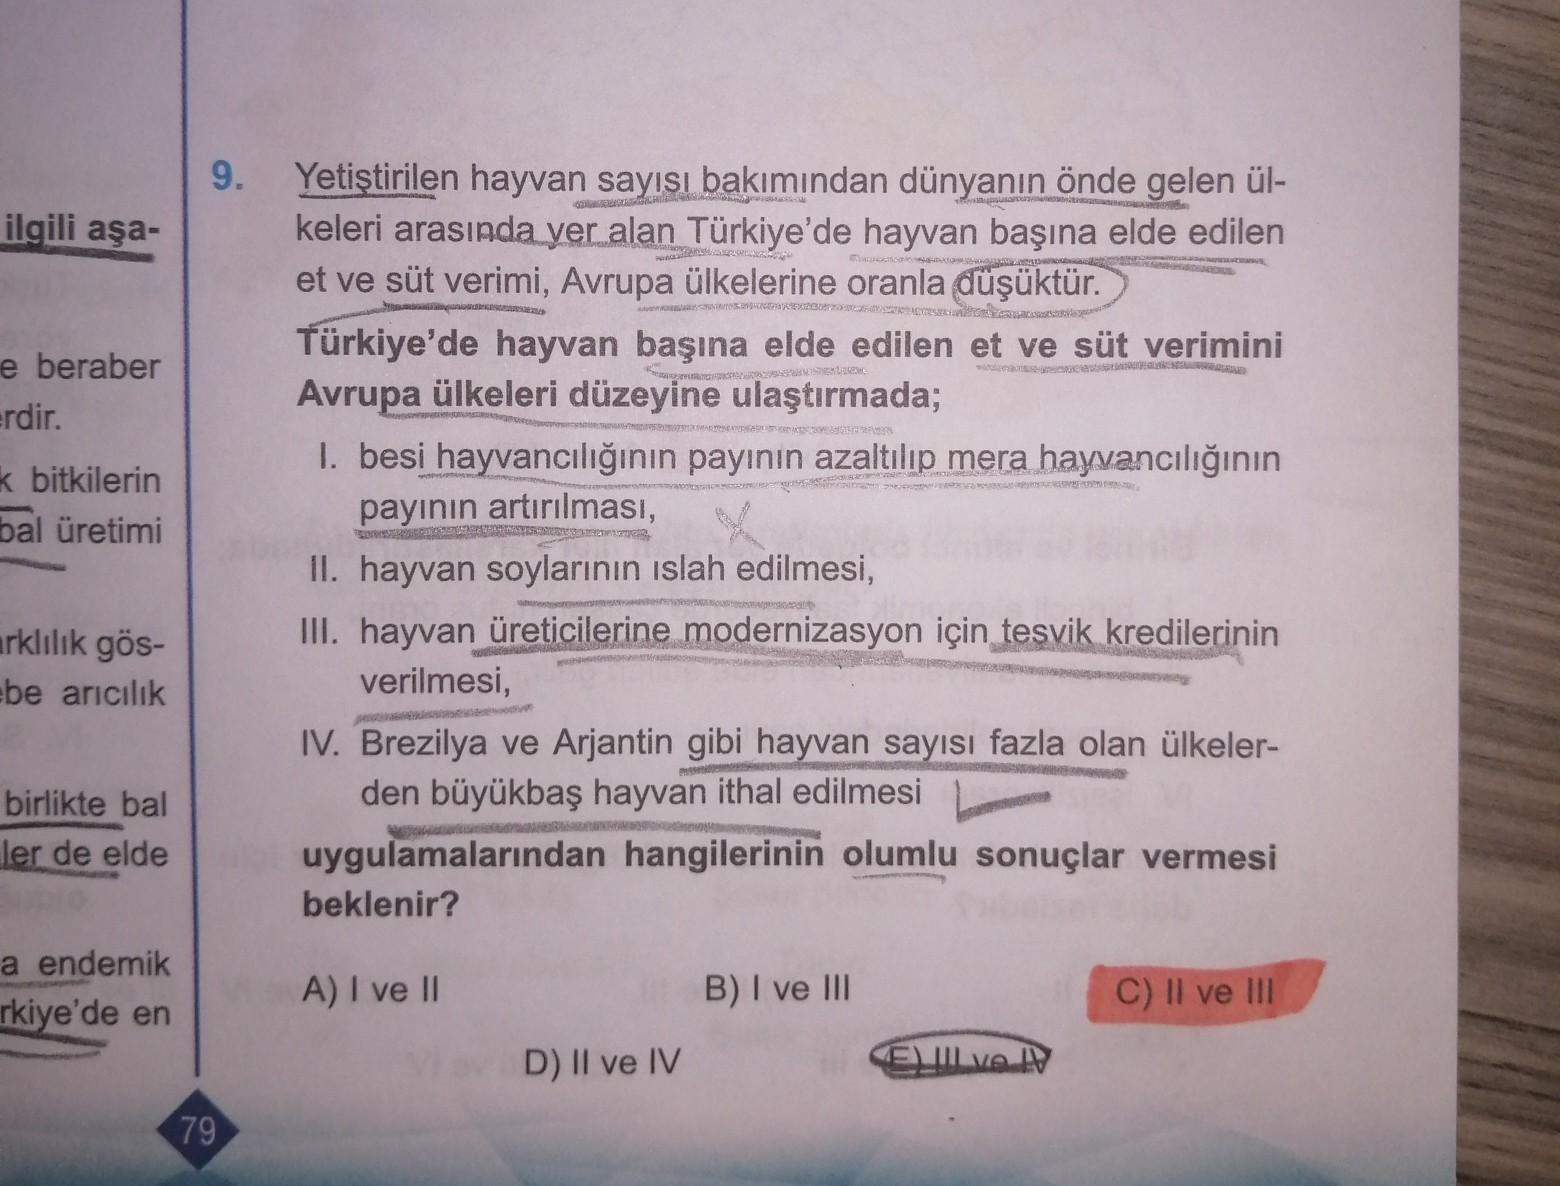 9. ilgili aşa- e beraber Erdir. k bitkilerin bal üretimi Yetiştirilen hayvan sayısı bakımından dünyanın önde gelen ül- keleri arasında yer alan Türkiye'de hayvan başına elde edilen et ve süt verimi, Avrupa ülkelerine oranla düşüktür. Türkiye'de hayvan başı